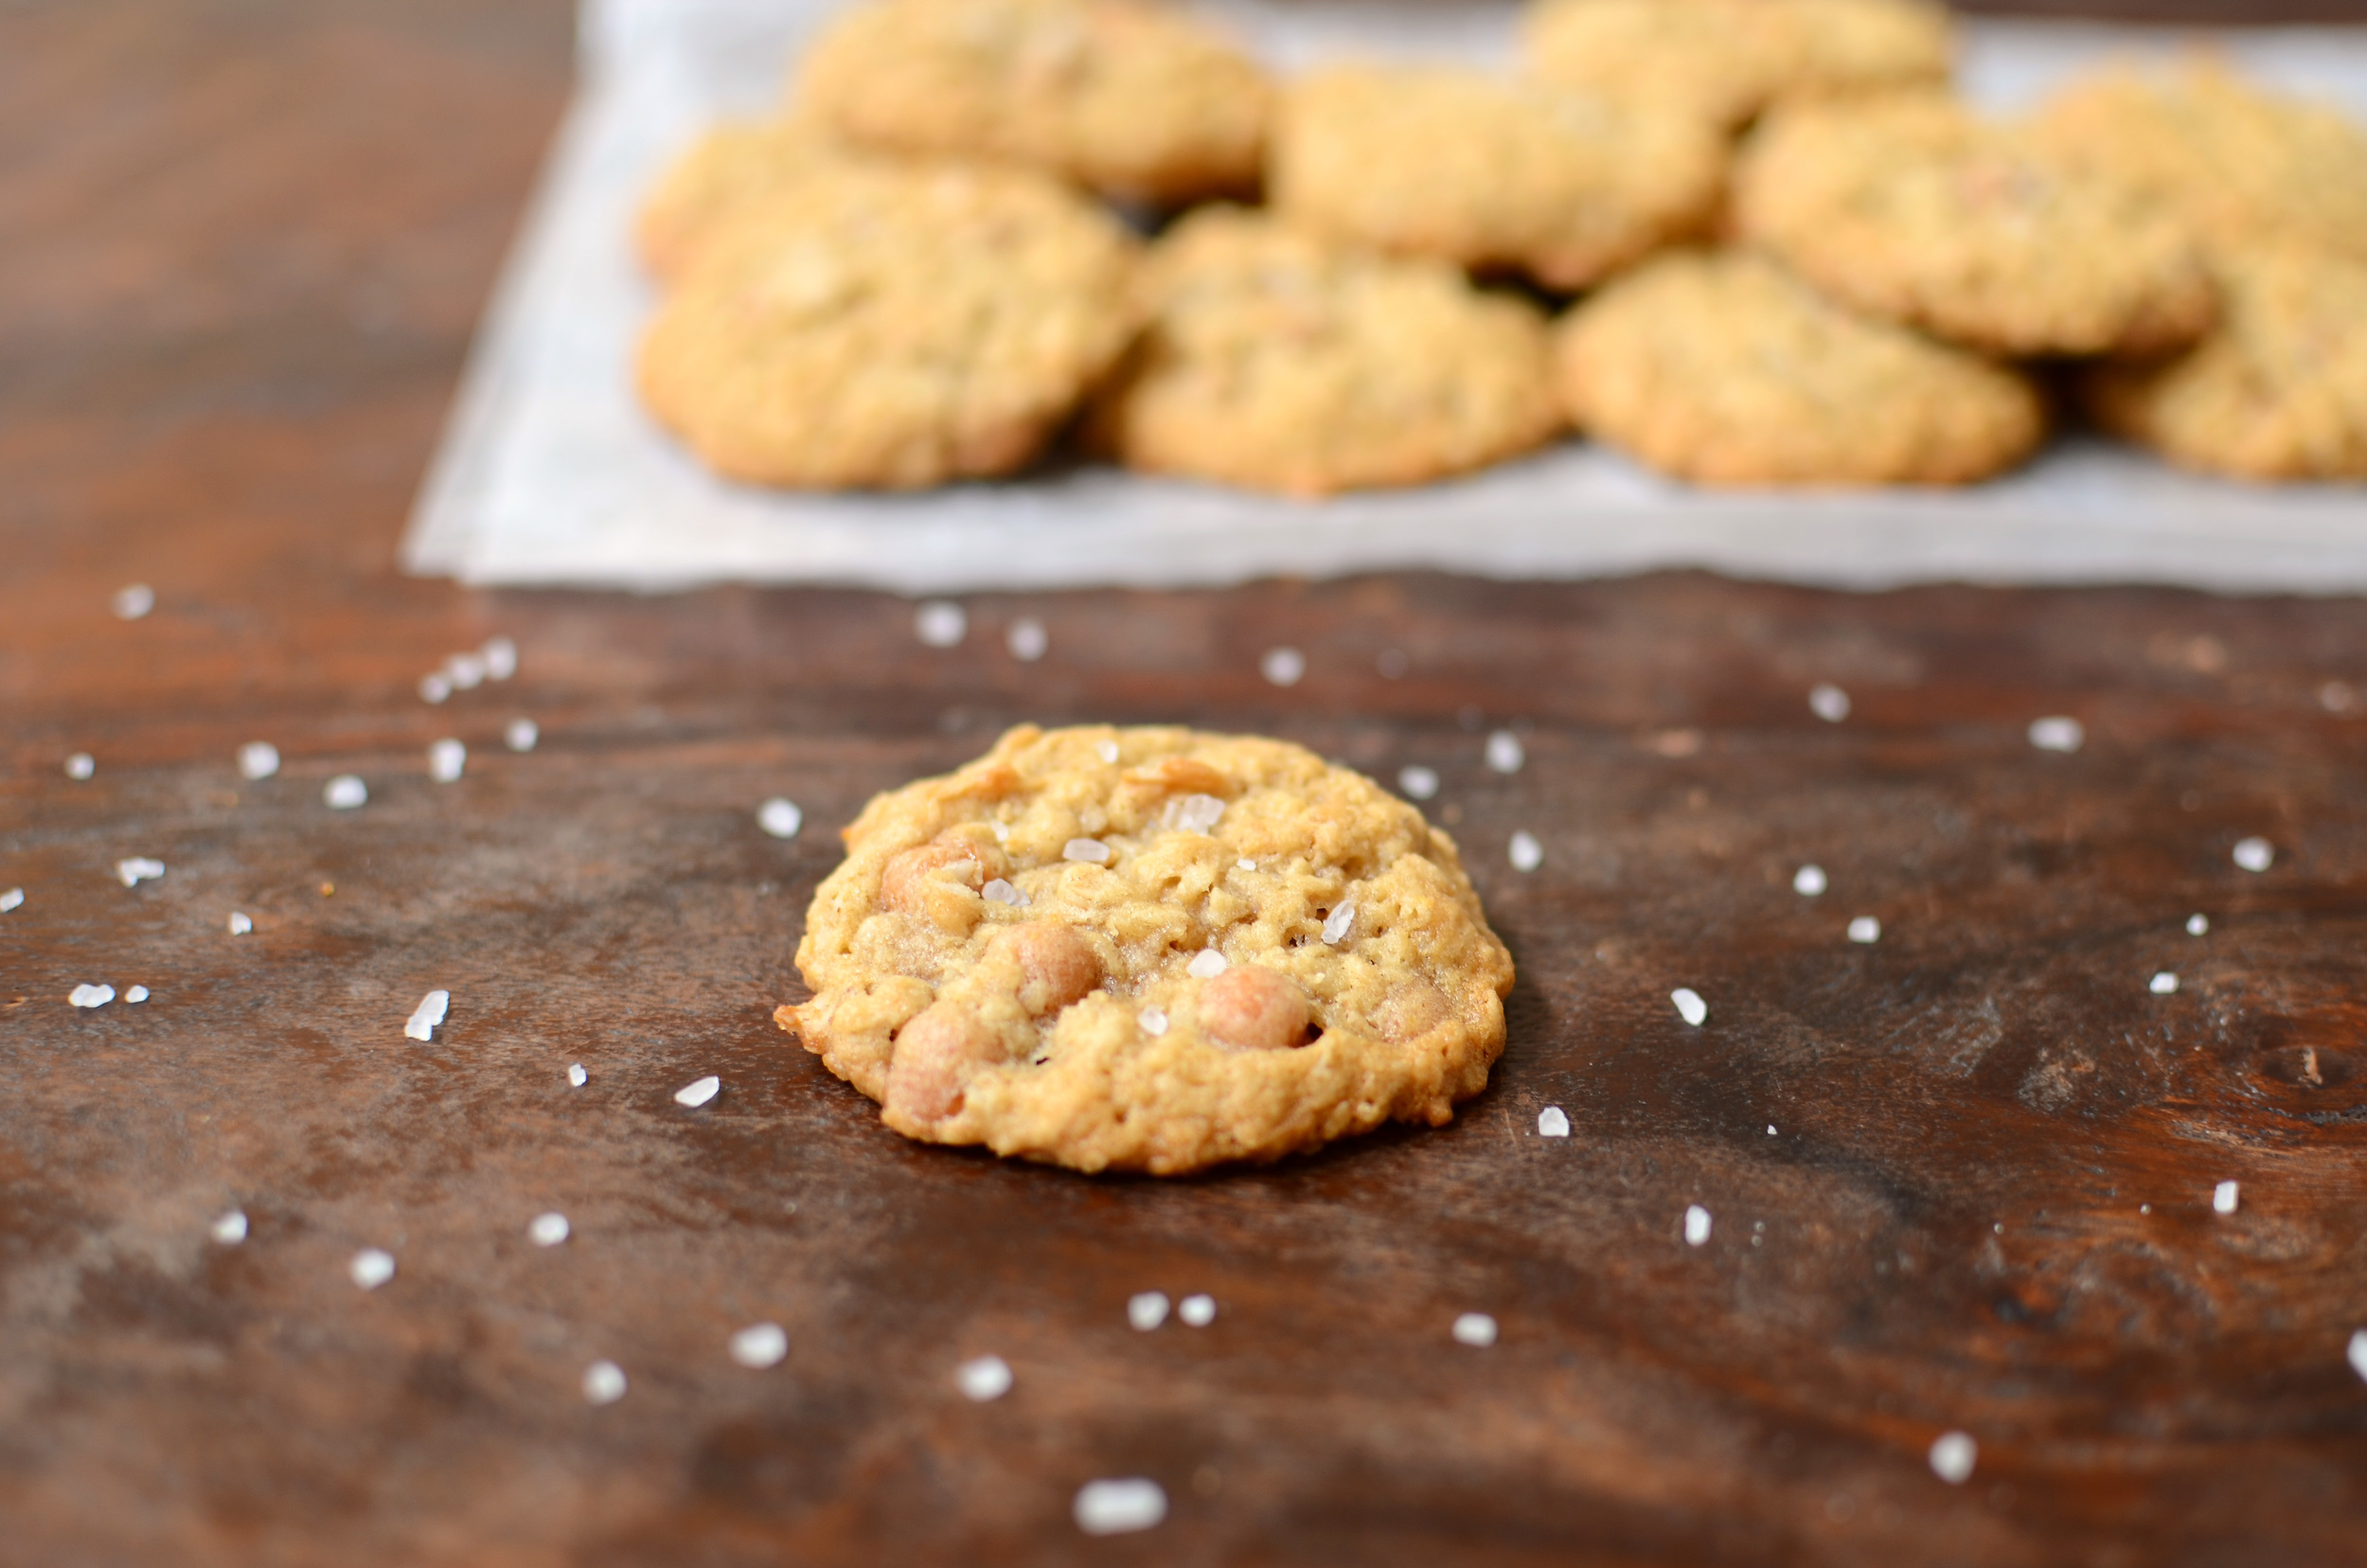 Salted Caramel Oatmeal Cookies - ButterYum